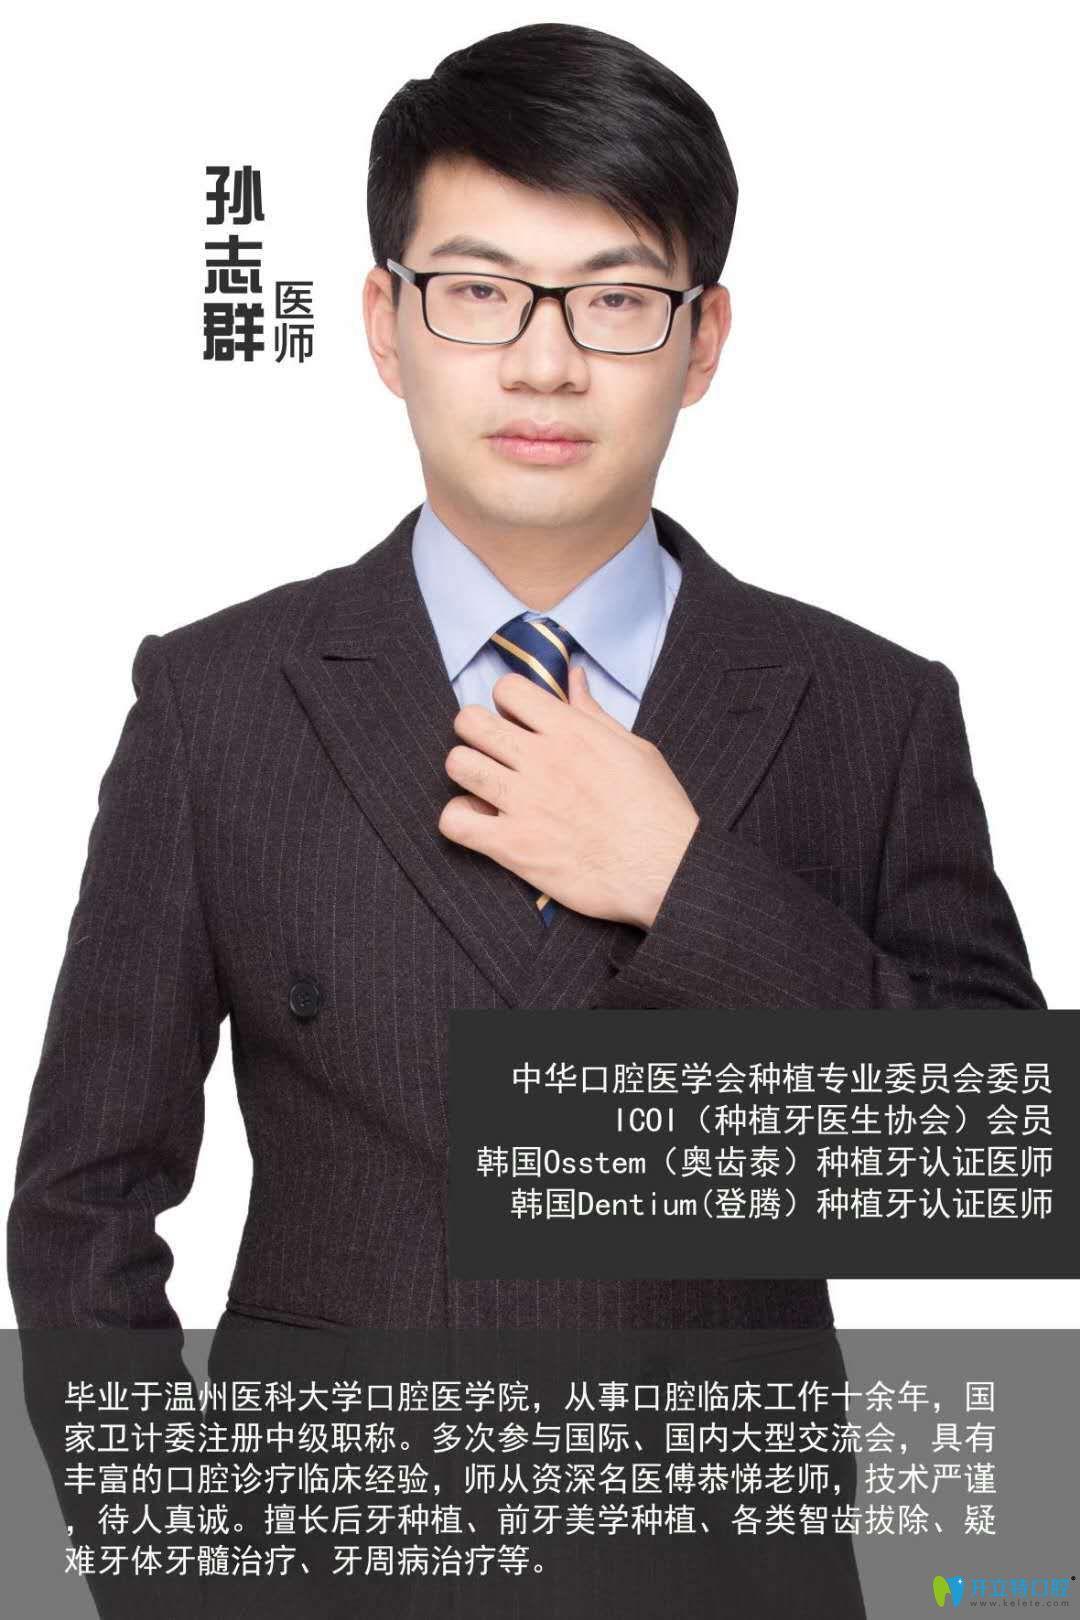 义乌傅氏口腔孙志群医生